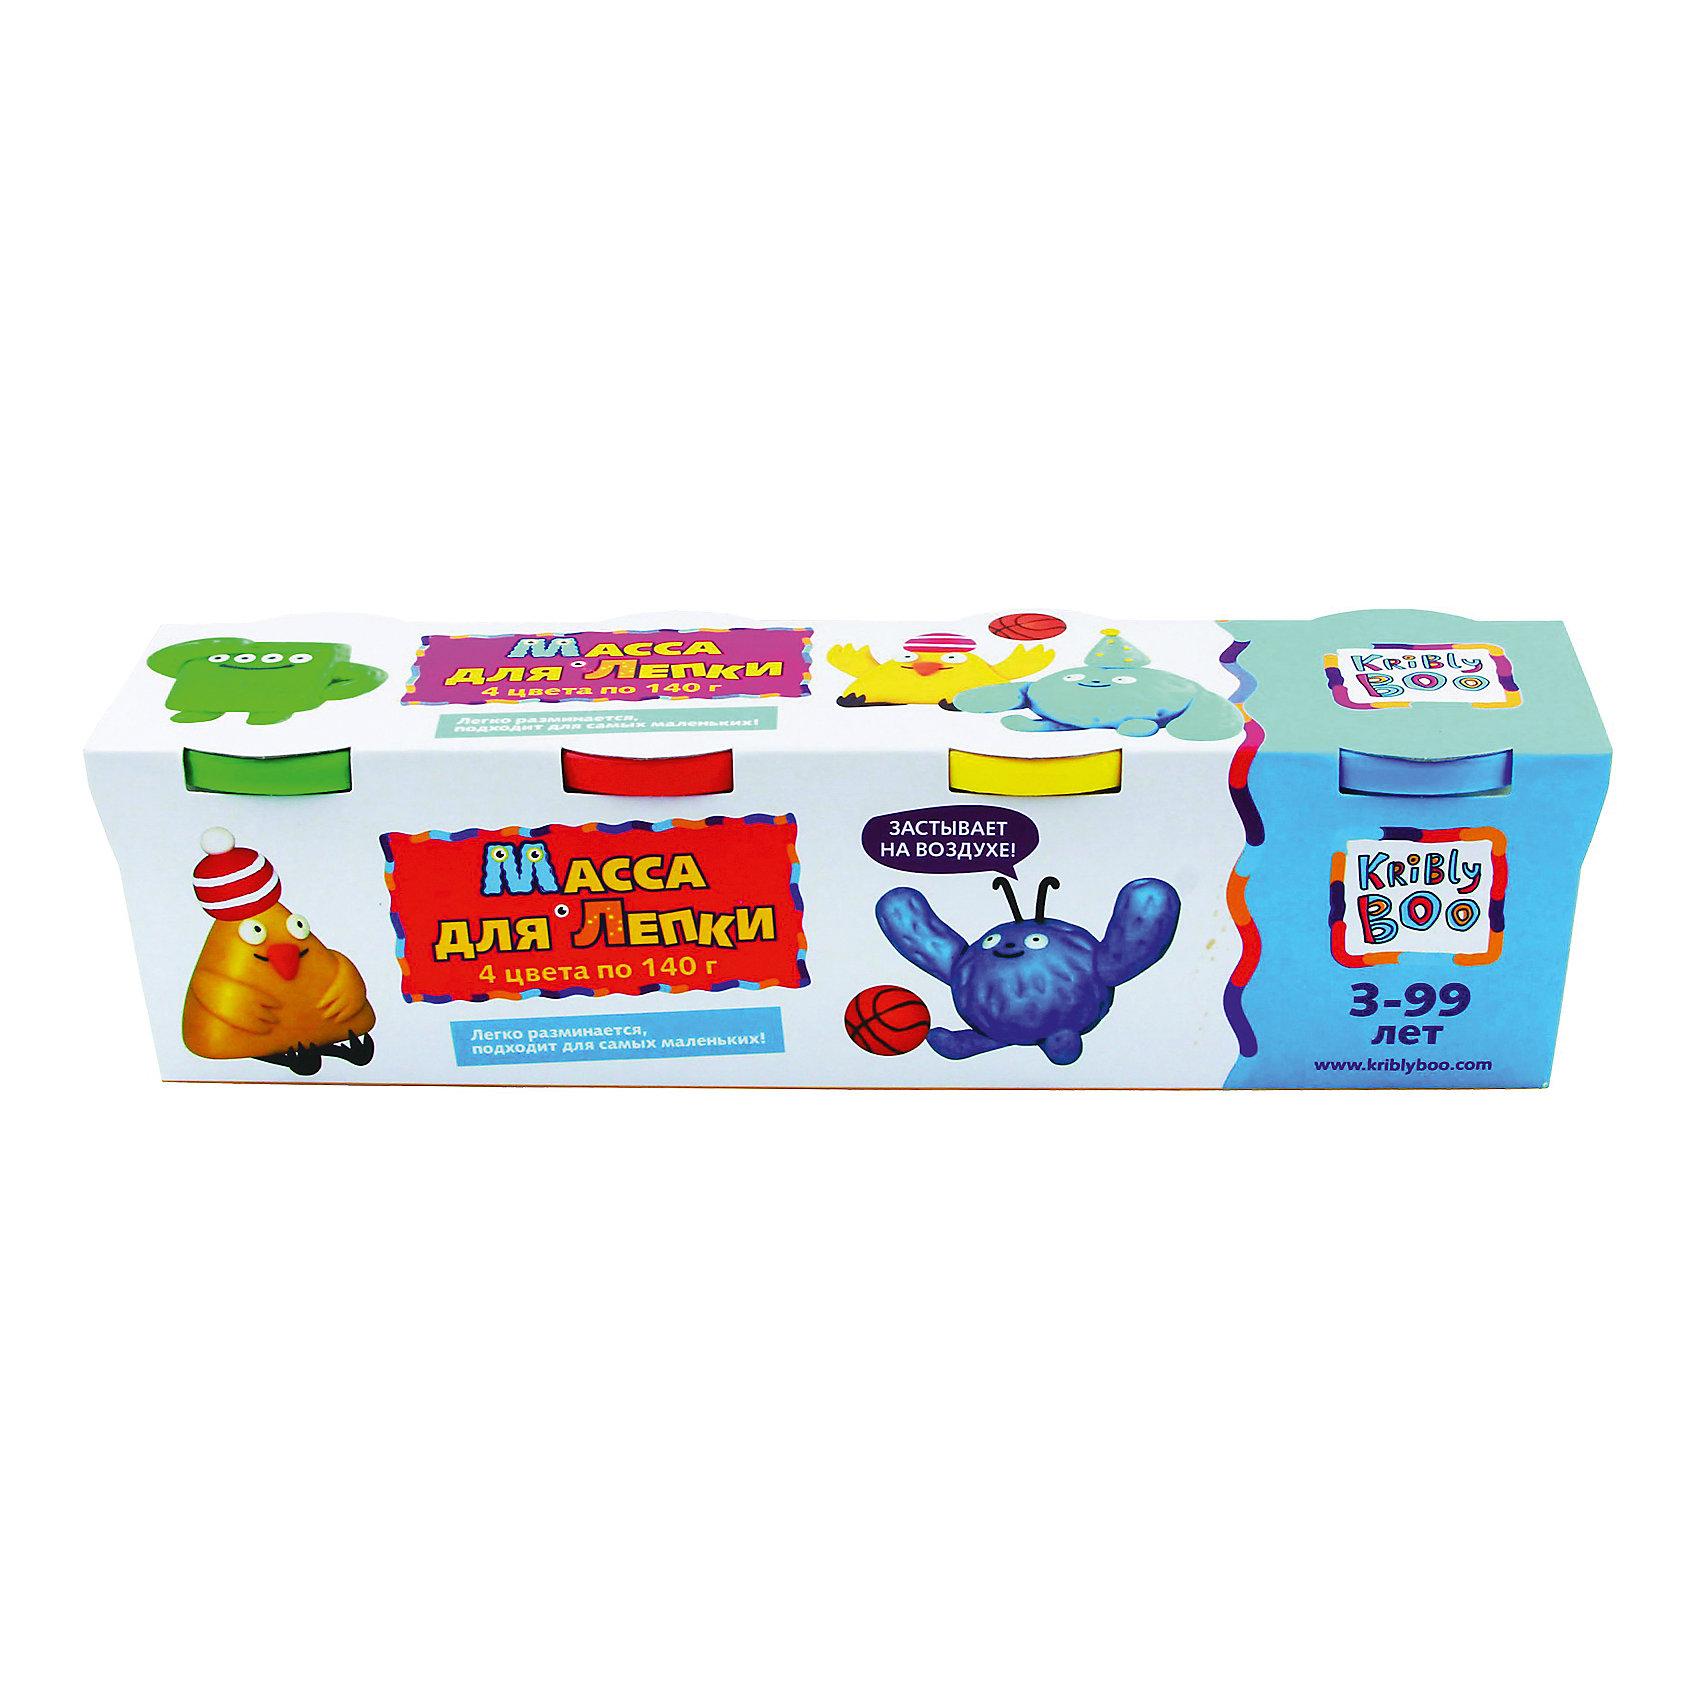 Масса для лепки, 4 шт. 140 гЛепка<br>Характеристики товара:<br><br>• цвет: разноцветный<br>• размер упаковки: 27 x 7 x 7 см<br>• вес: 700 г<br>• комплектация: 4 баночки<br>• вес одной баночки с массой: 140 г<br>• затвердевает на воздухе<br>• возраст: от трех лет<br>• упаковка: картонная коробка<br>• страна бренда: Финляндия<br>• страна изготовитель: Китай<br><br>Такой набор станет отличным подарком ребенку - ведь с помощью массы для лепки создавать фигуры легко и весело! В набор входят баночки с массой базовых цветов . Масса потом сама затвердевает на воздухе!<br>Детям очень нравится что-то делать своими руками! Кроме того, творчество помогает детям развивать важные навыки и способности, оно активизирует мышление, формирует усидчивость, творческие способности, мелкую моторику и воображение. Изделие производится из качественных и проверенных материалов, которые безопасны для детей.<br><br>Набор Масса для лепки, 4 шт. 140 г от бренда KriBly Boo можно купить в нашем интернет-магазине.<br><br>Ширина мм: 270<br>Глубина мм: 65<br>Высота мм: 68<br>Вес г: 677<br>Возраст от месяцев: 36<br>Возраст до месяцев: 84<br>Пол: Унисекс<br>Возраст: Детский<br>SKU: 5167826